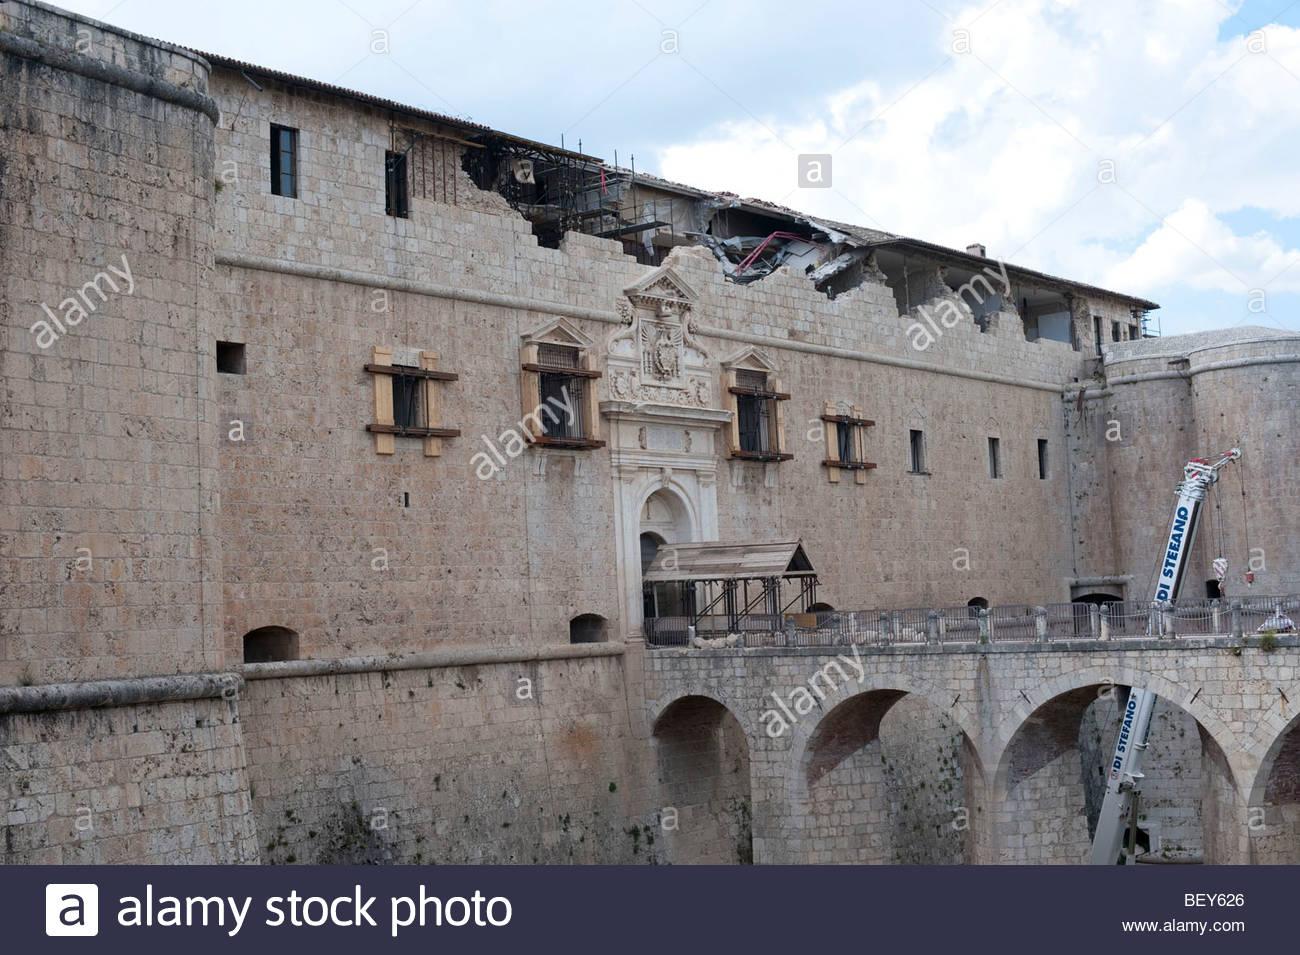 reconstruction 2009 june, castle, l'aquila, abruzzo, italy - Stock Image